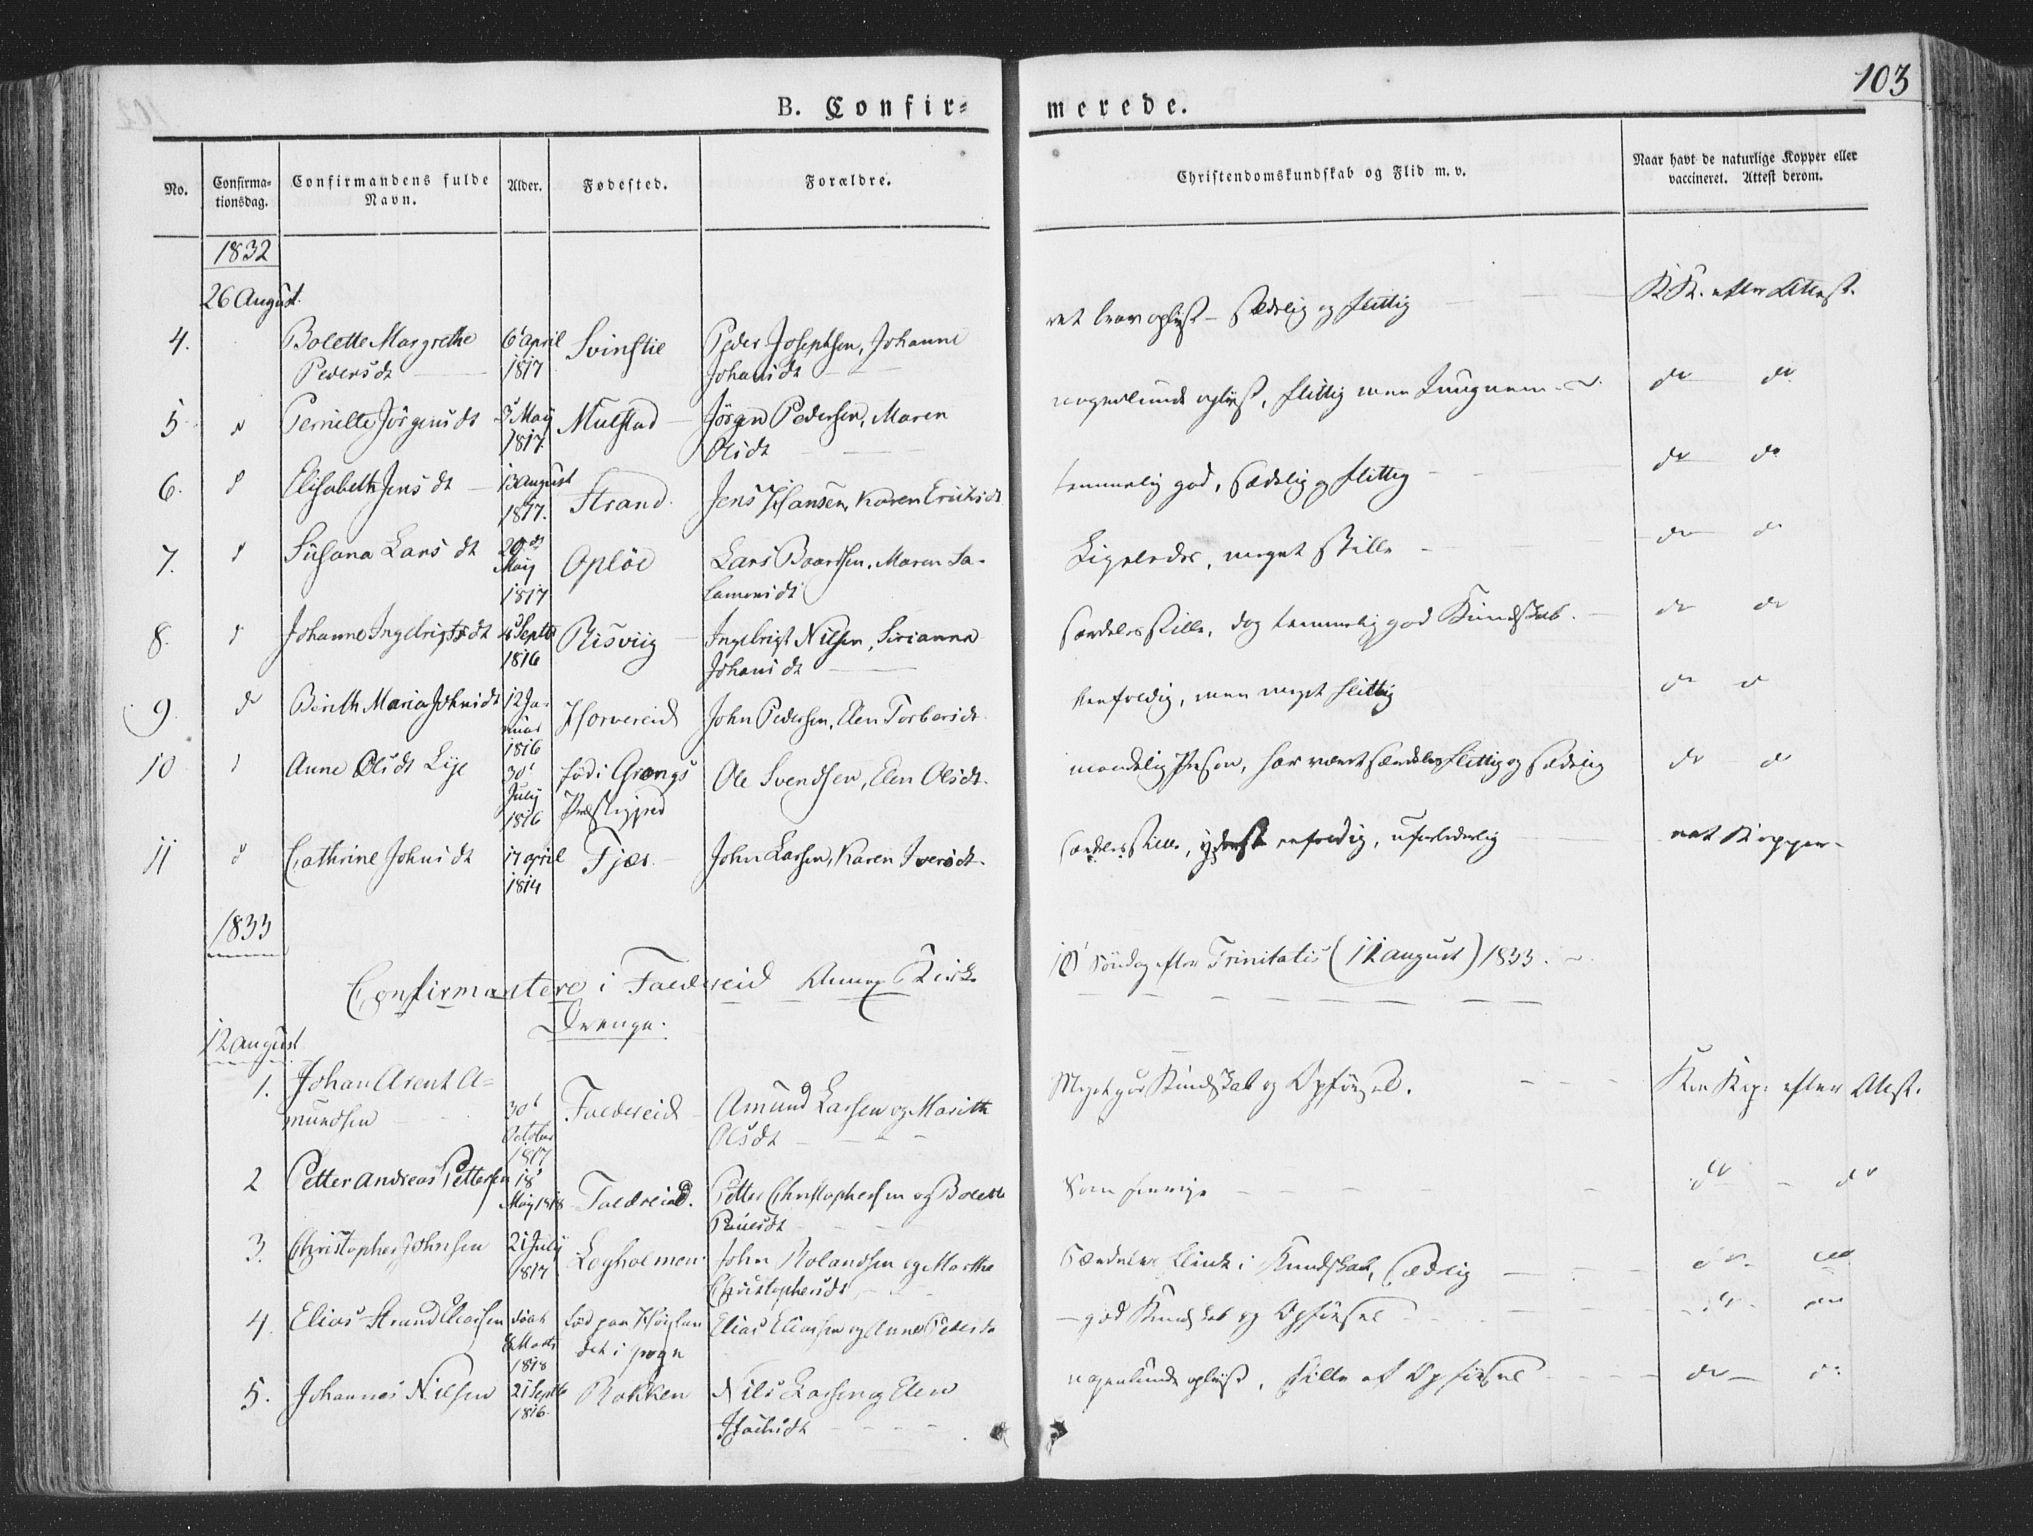 SAT, Ministerialprotokoller, klokkerbøker og fødselsregistre - Nord-Trøndelag, 780/L0639: Ministerialbok nr. 780A04, 1830-1844, s. 103